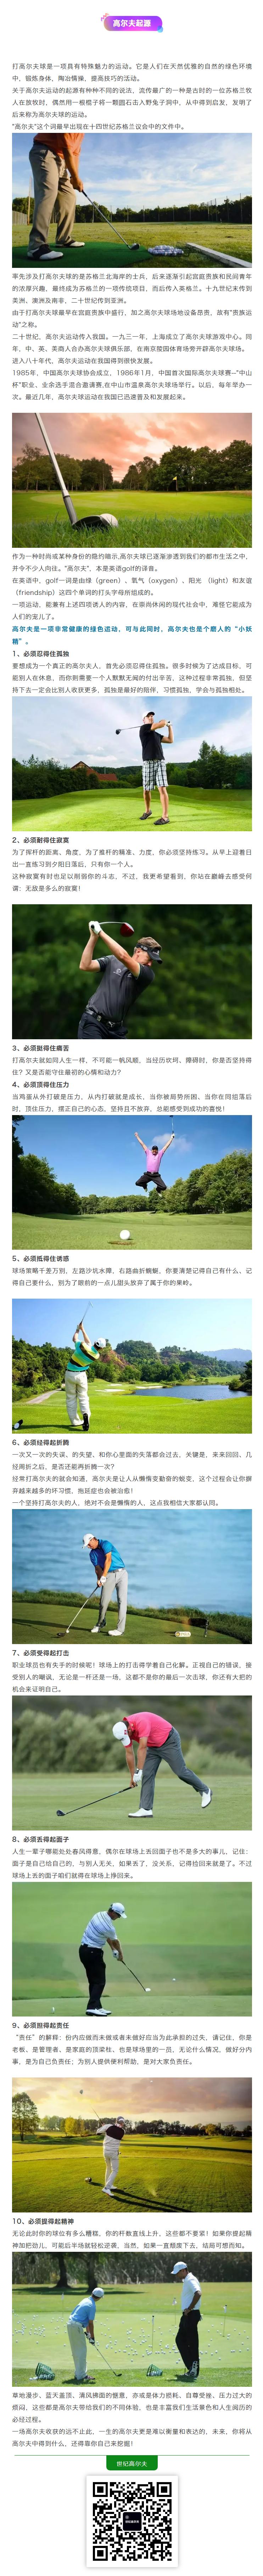 高尔夫到底能磨人到什么程度 !.png